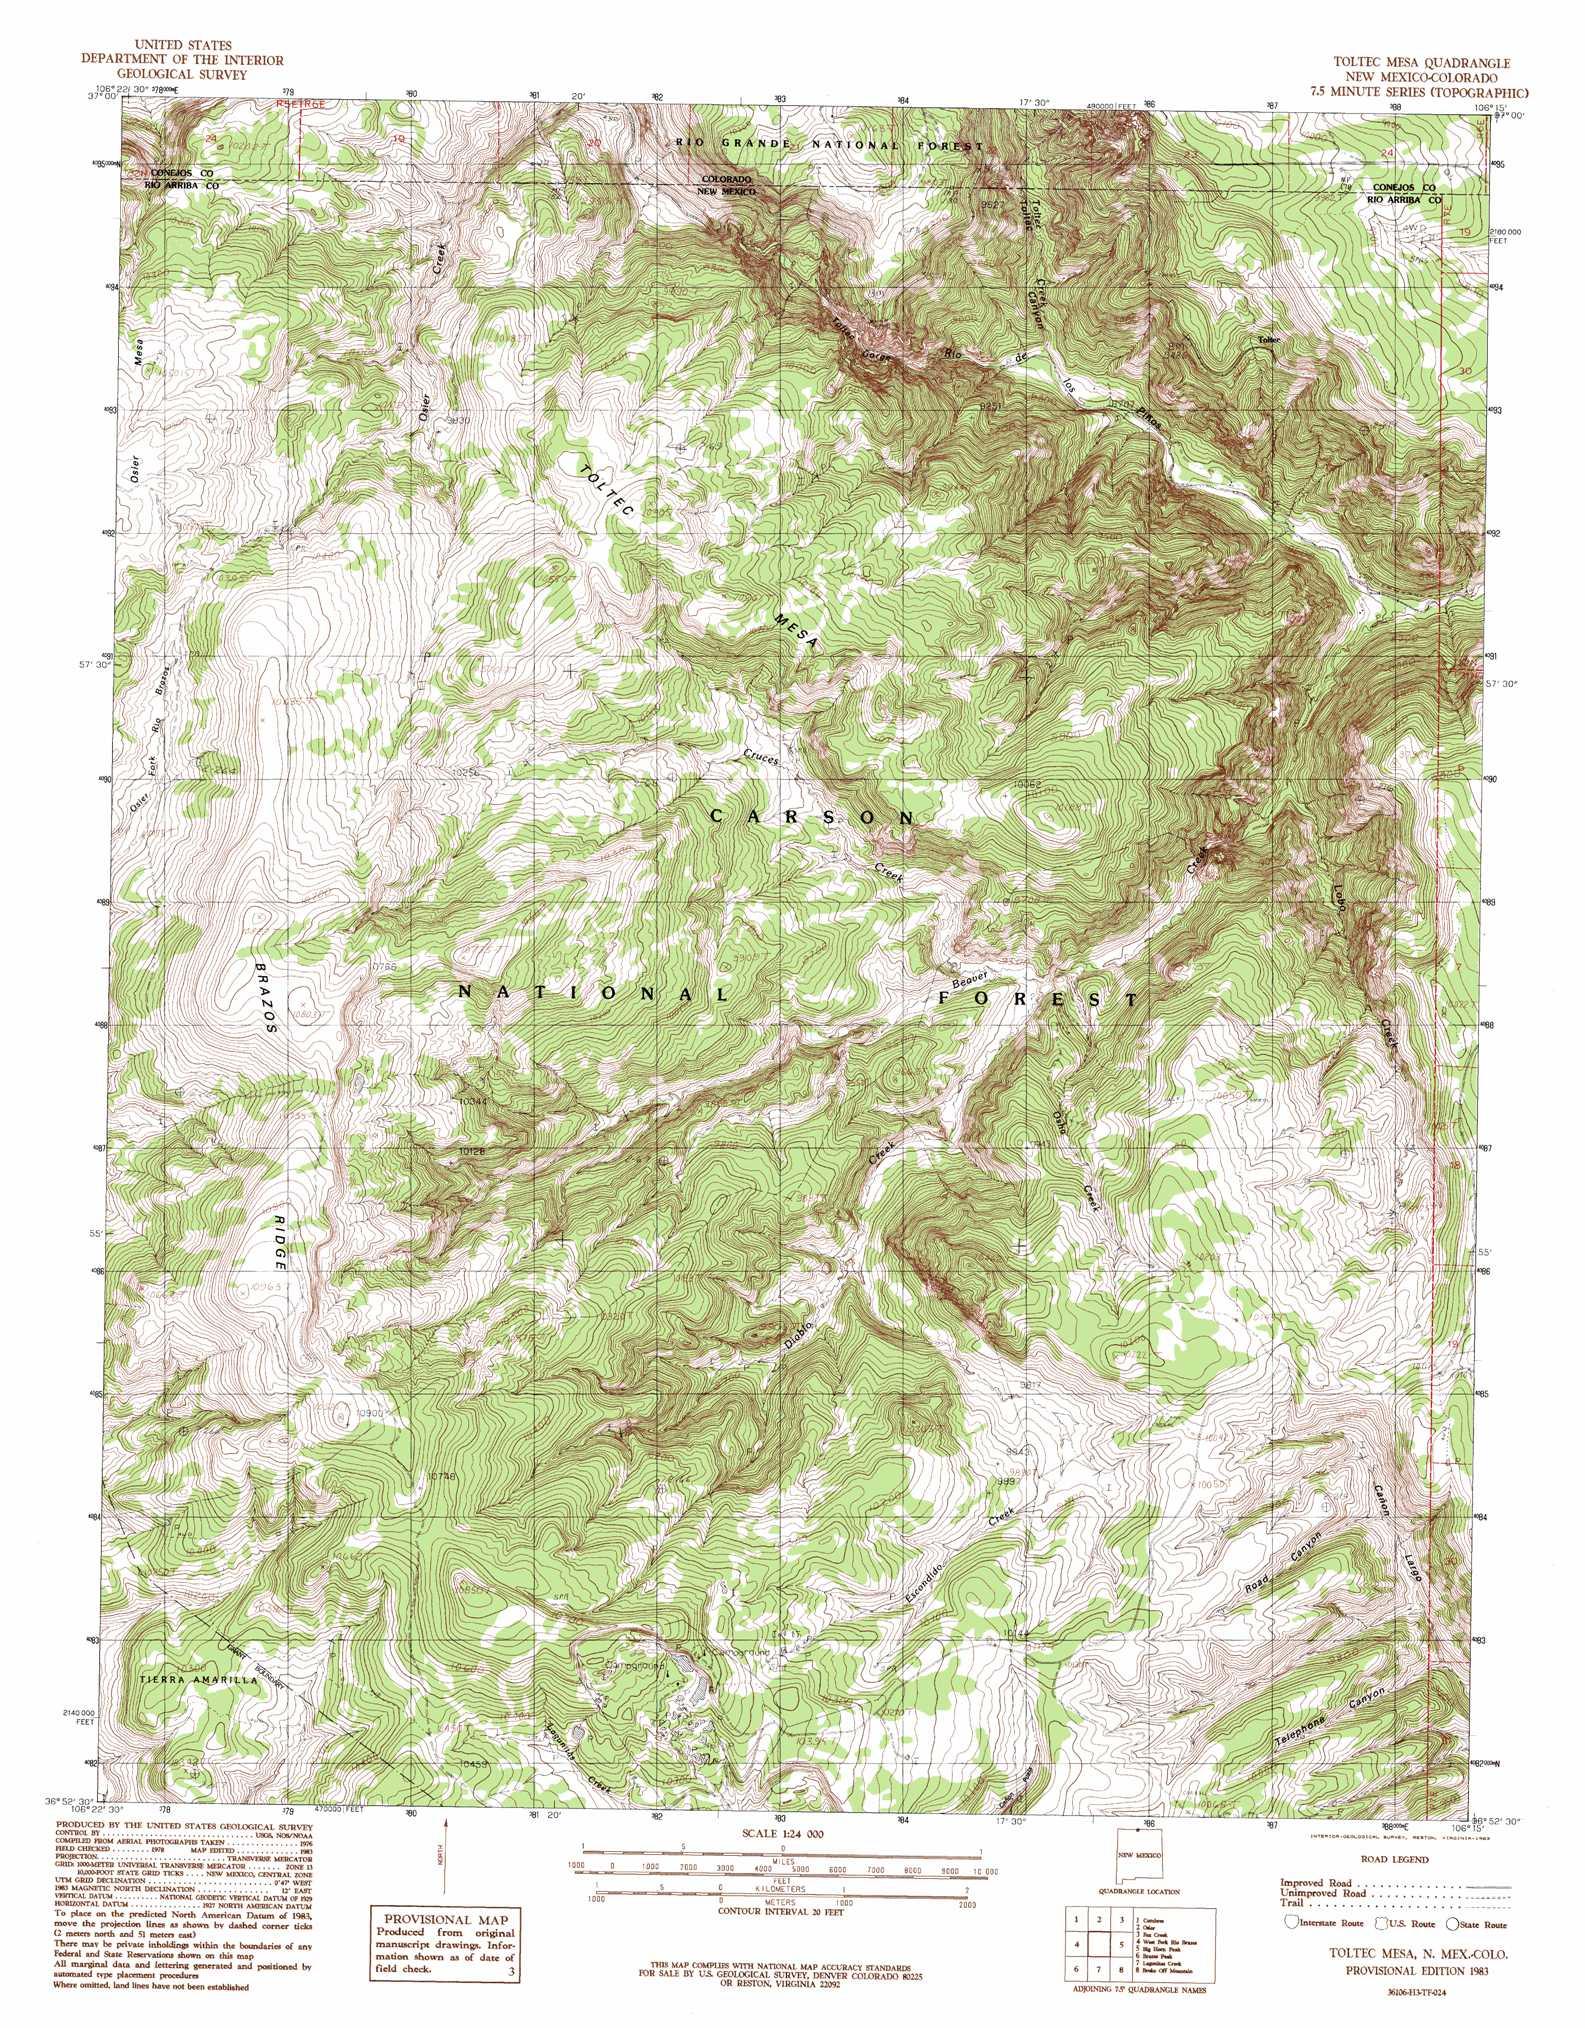 Toltec Mesa topographic map NM CO USGS Topo Quad 36106h3